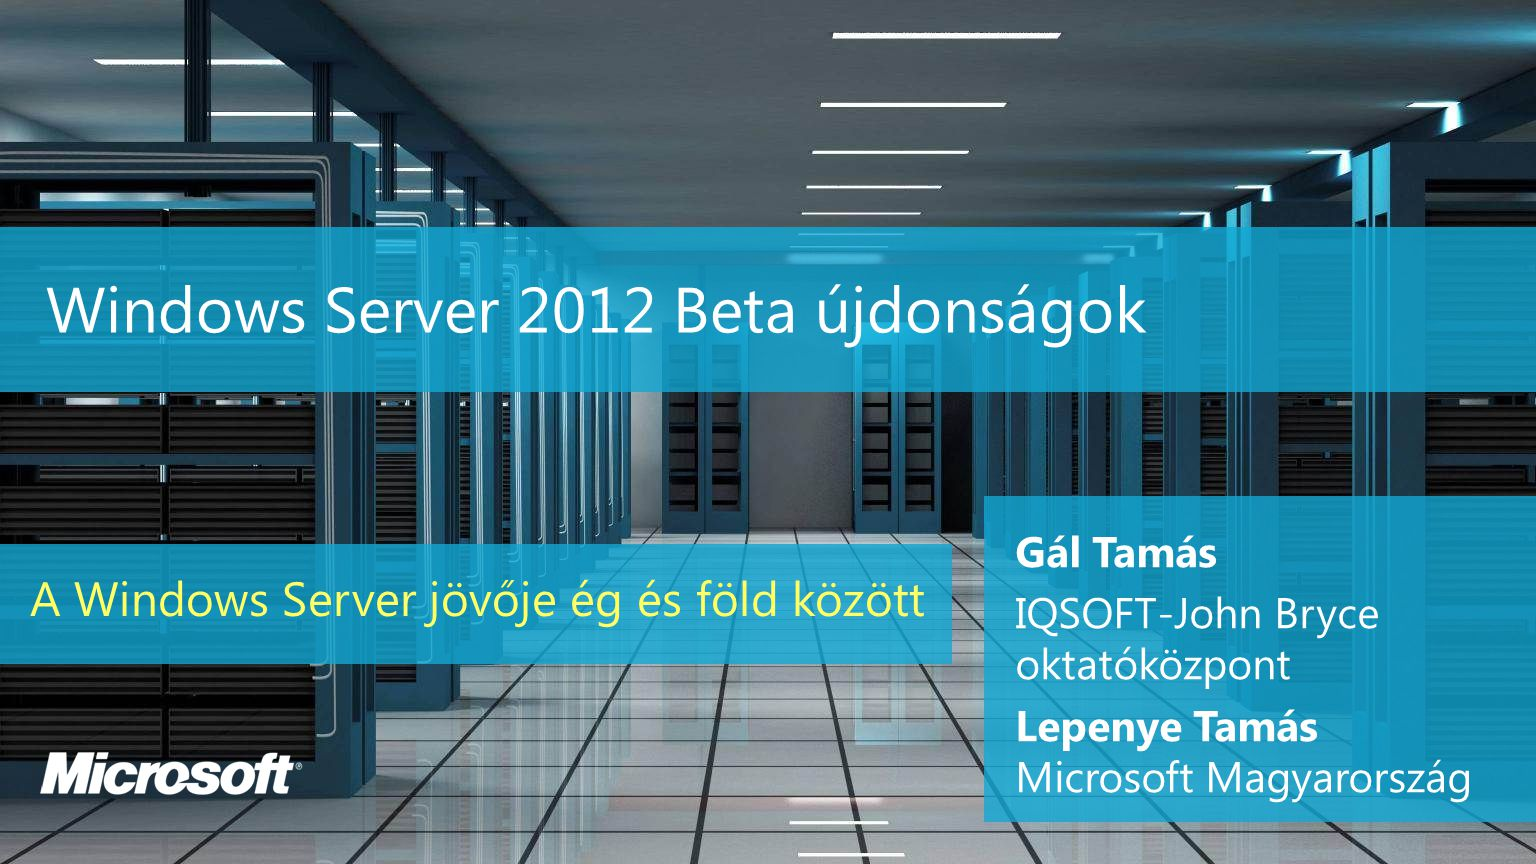 Windows Server 2012 Beta újdonságok A Windows Server jövője ég és föld között Gál Tamás IQSOFT-John Bryce oktatóközpont Lepenye Tamás Microsoft Magyarország